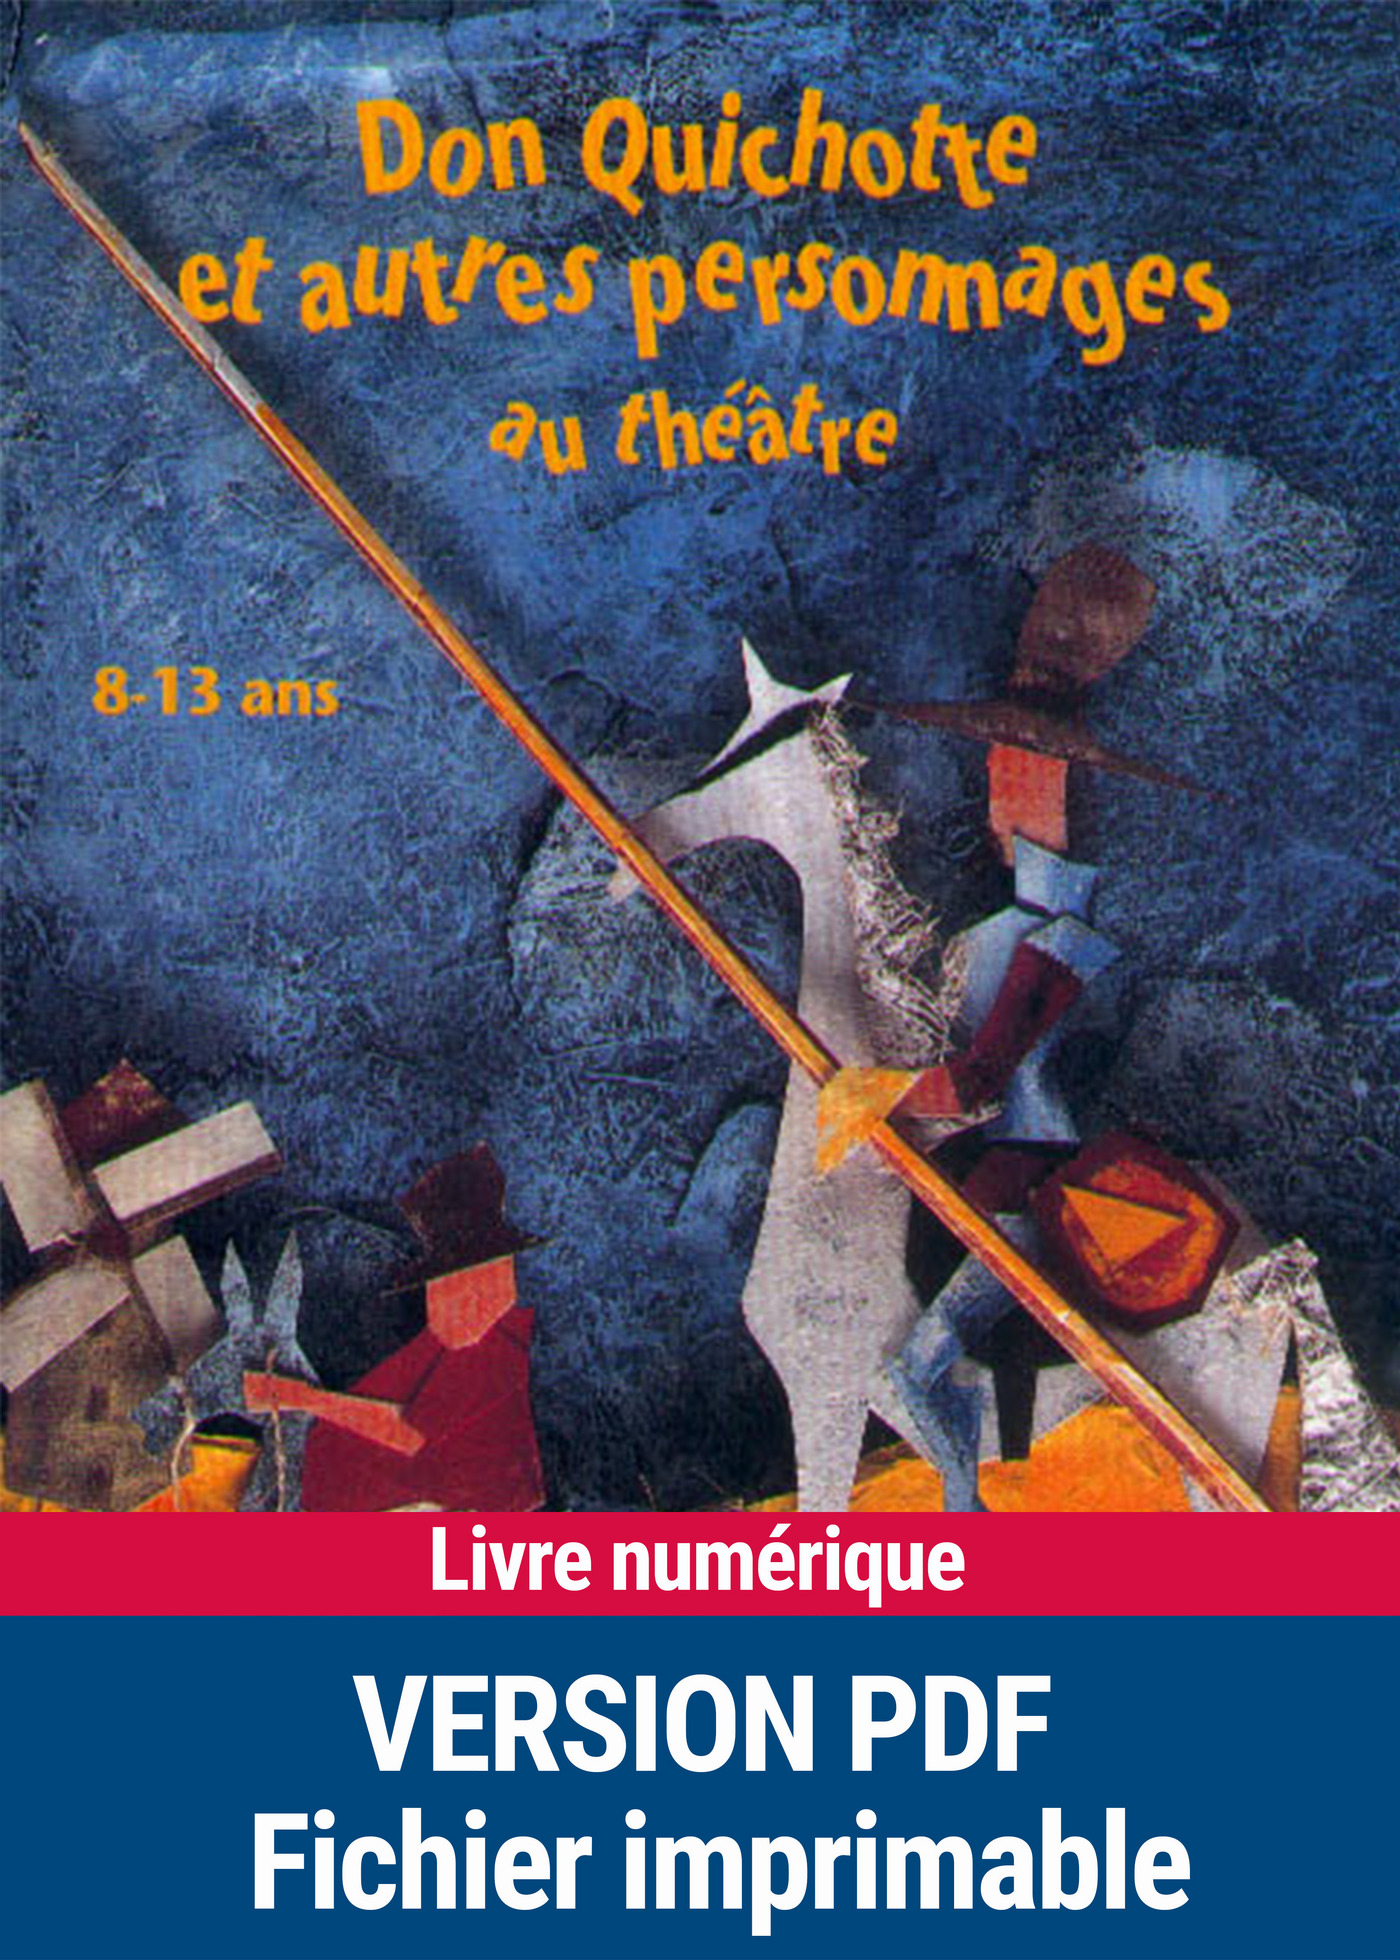 Don Quichotte et autres personnages